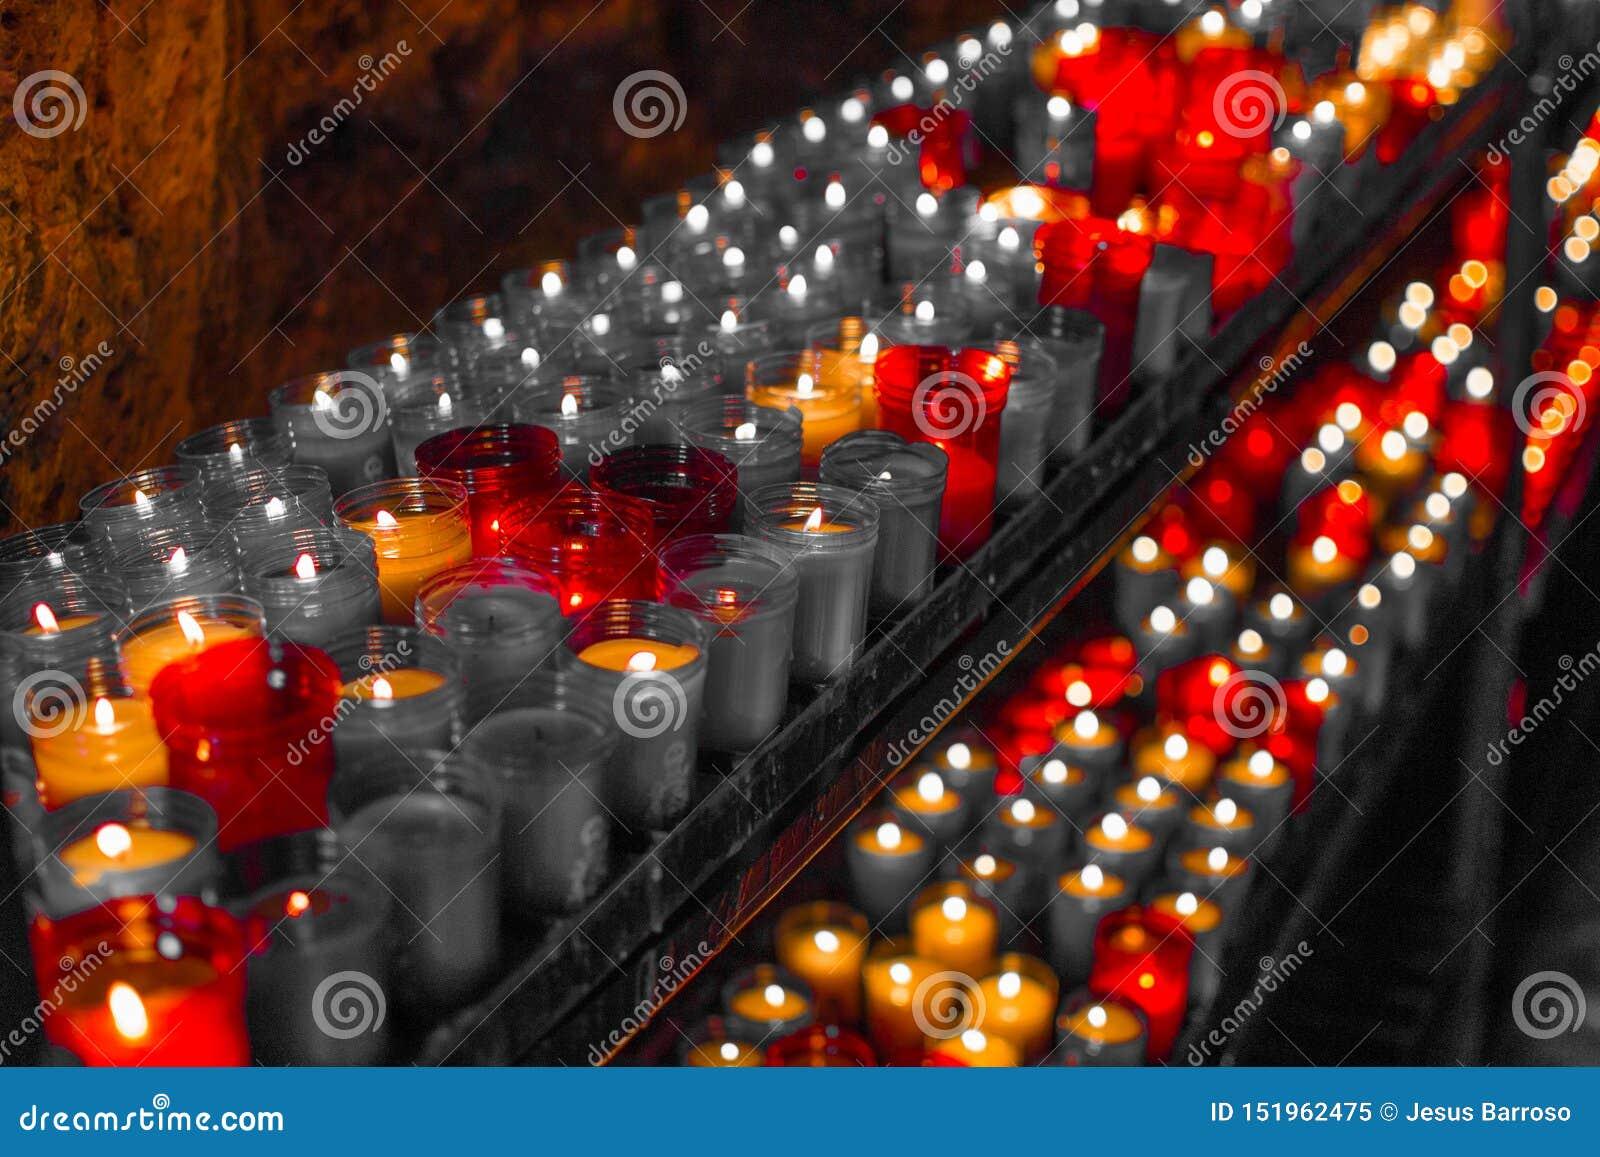 Desaturated roter Abschluss oben von bunten Kerzen in einer dunklen geistigen Szene Gedenken, Begräbnis, Denkmal Frommer Symbolis